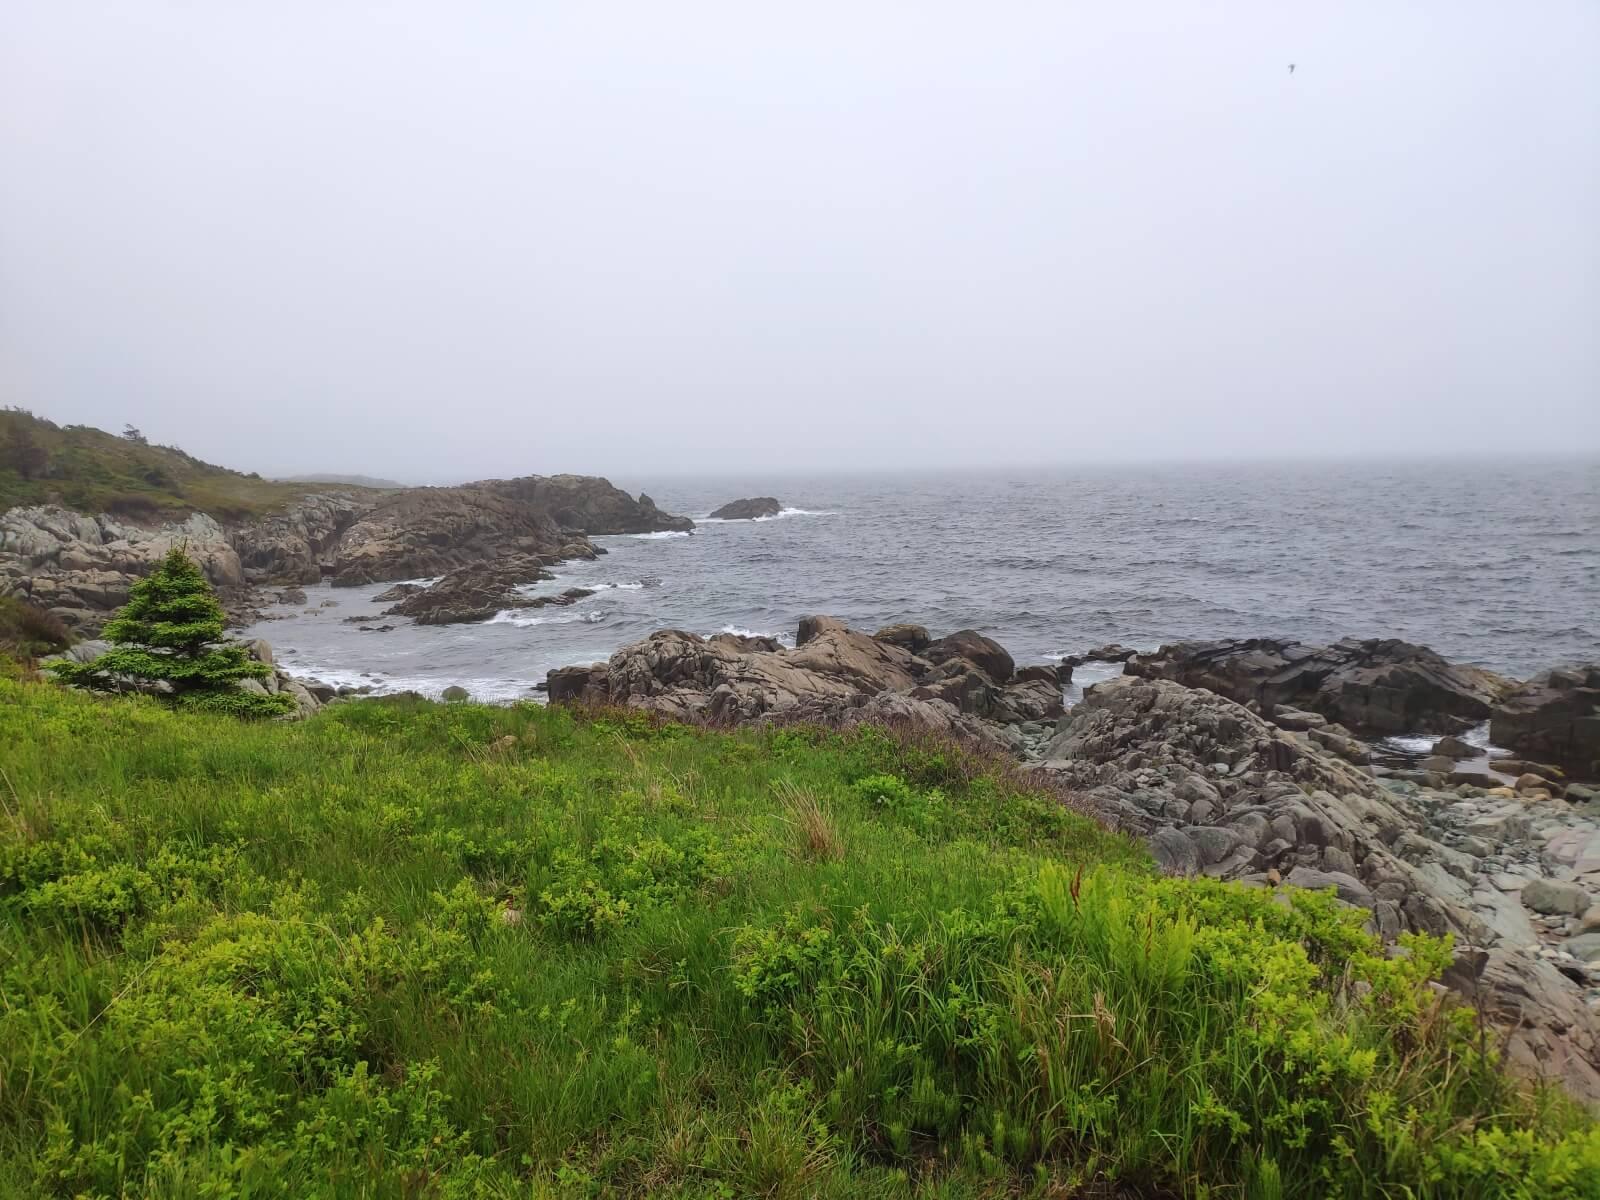 25.06. bis 03.07.2019: Die ersten Tage in Kanada (Nova Scotia) mit Zechprellerei!